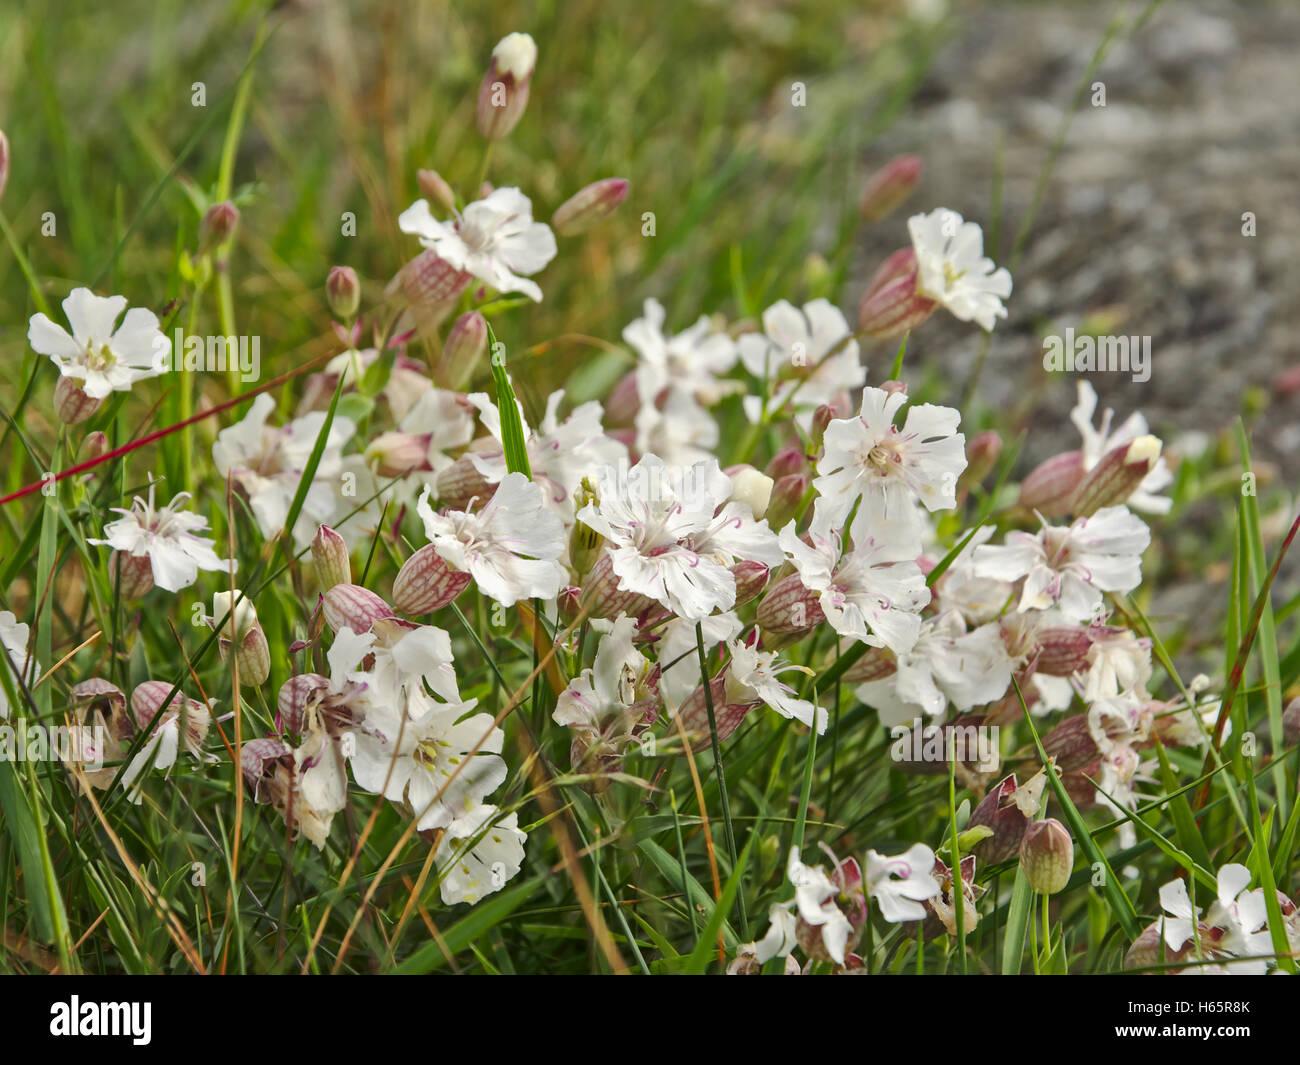 Small white mountain flowers stock photos small white mountain white mountian flowers stock image mightylinksfo